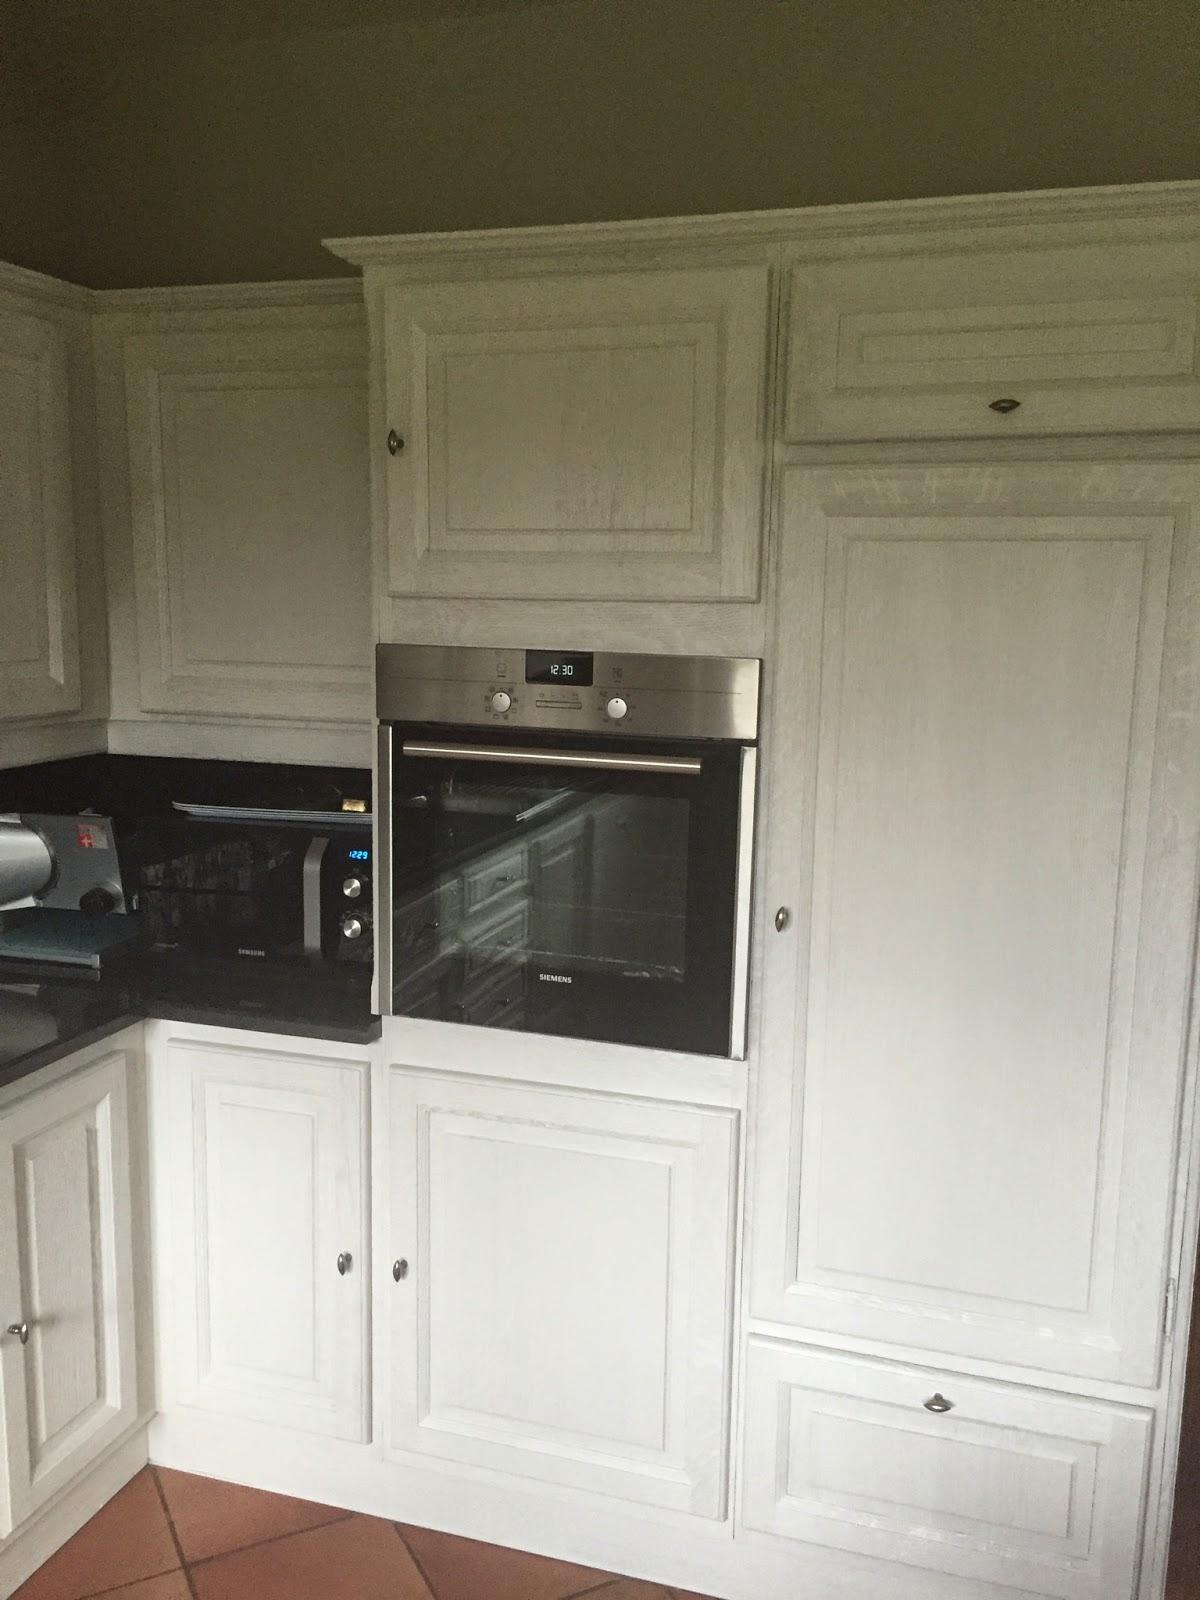 Eiken Keuken Pimpen : Renovatie van een eiken keuken Renovatie van eiken keukens